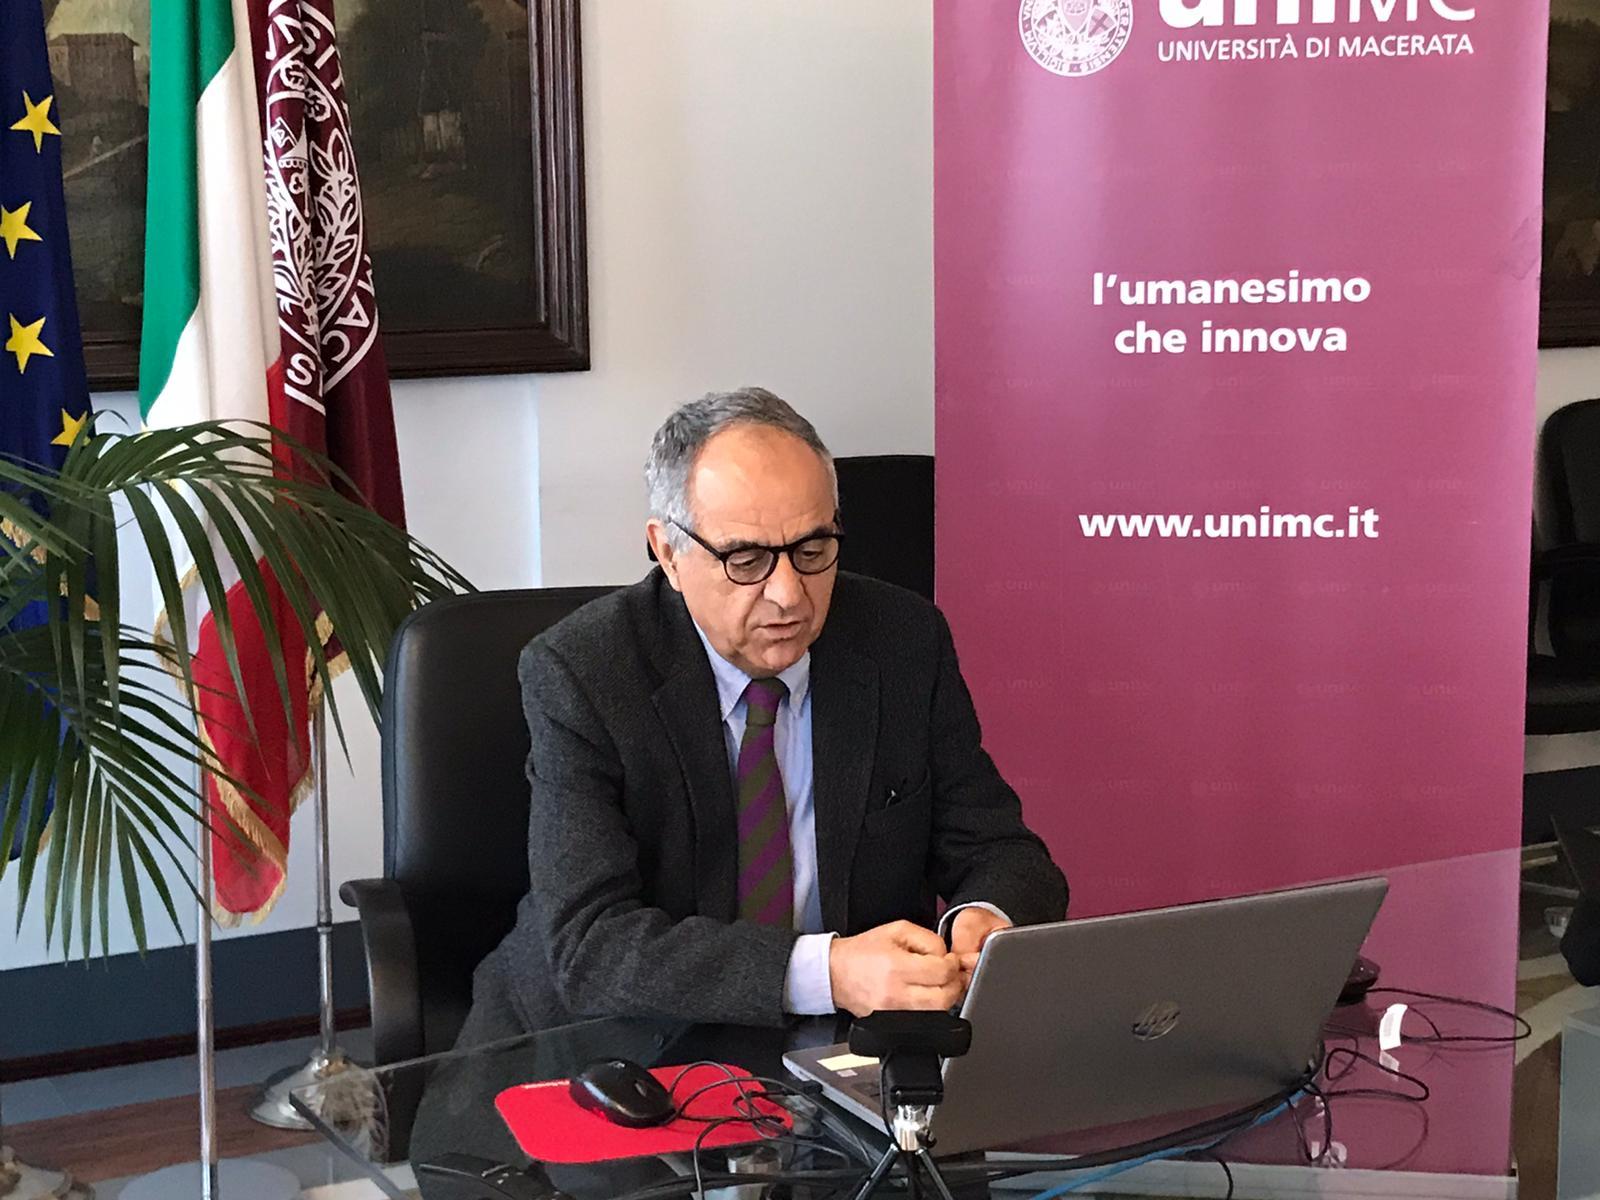 Open Day Unimc, iniziative online per conoscere l'Ateneo